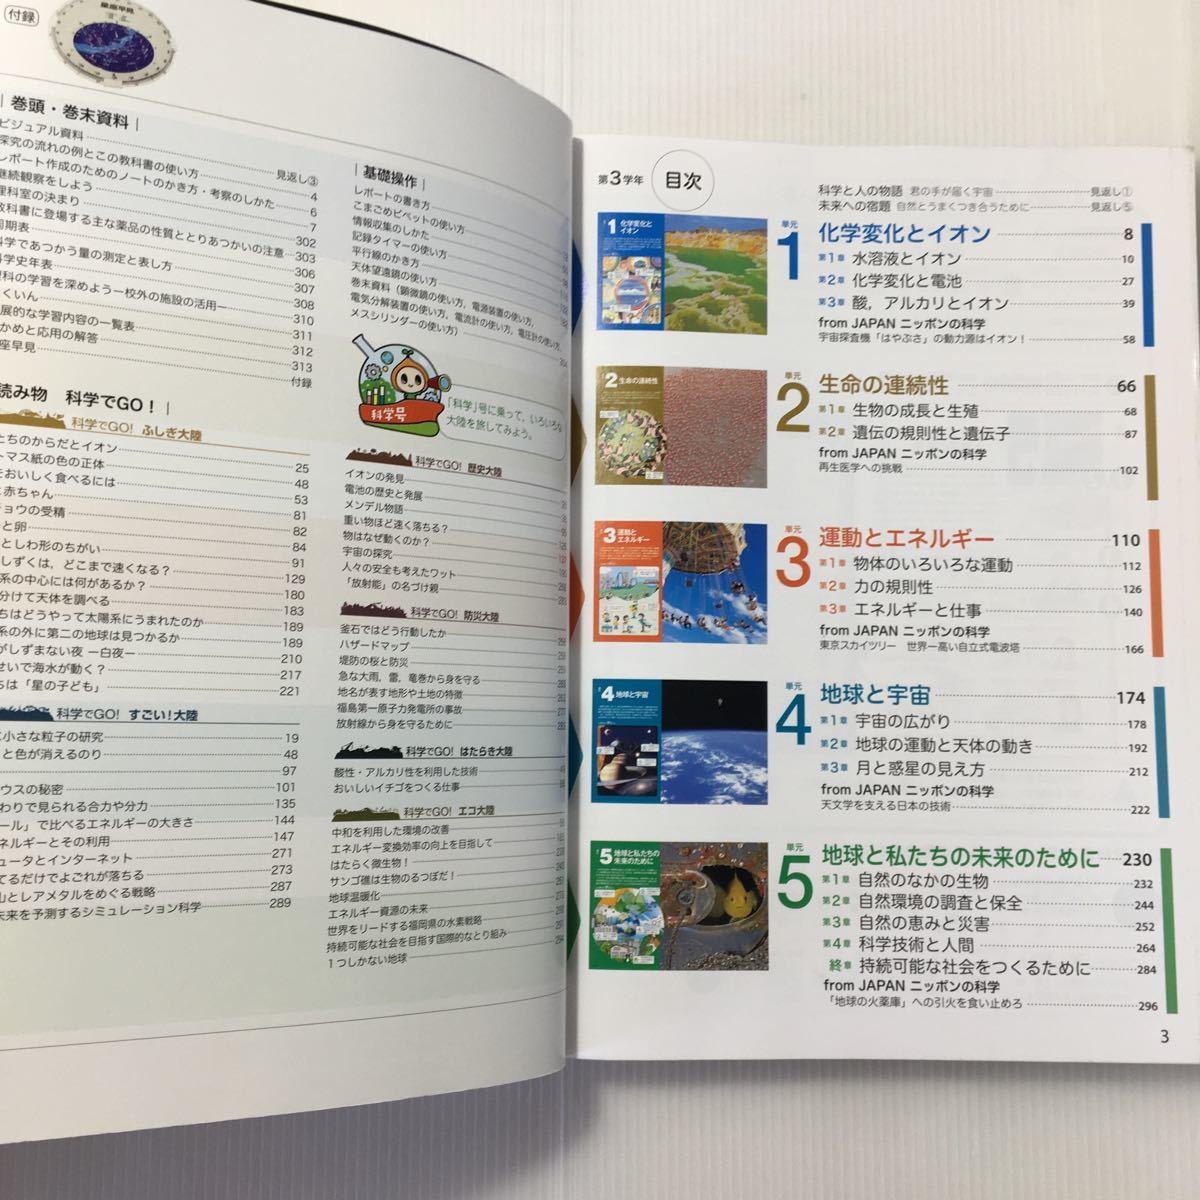 zaa-048★新編新しい科学 3 [平成28年度採用] 東京書籍 (日本語) 単行本 2016/3/1